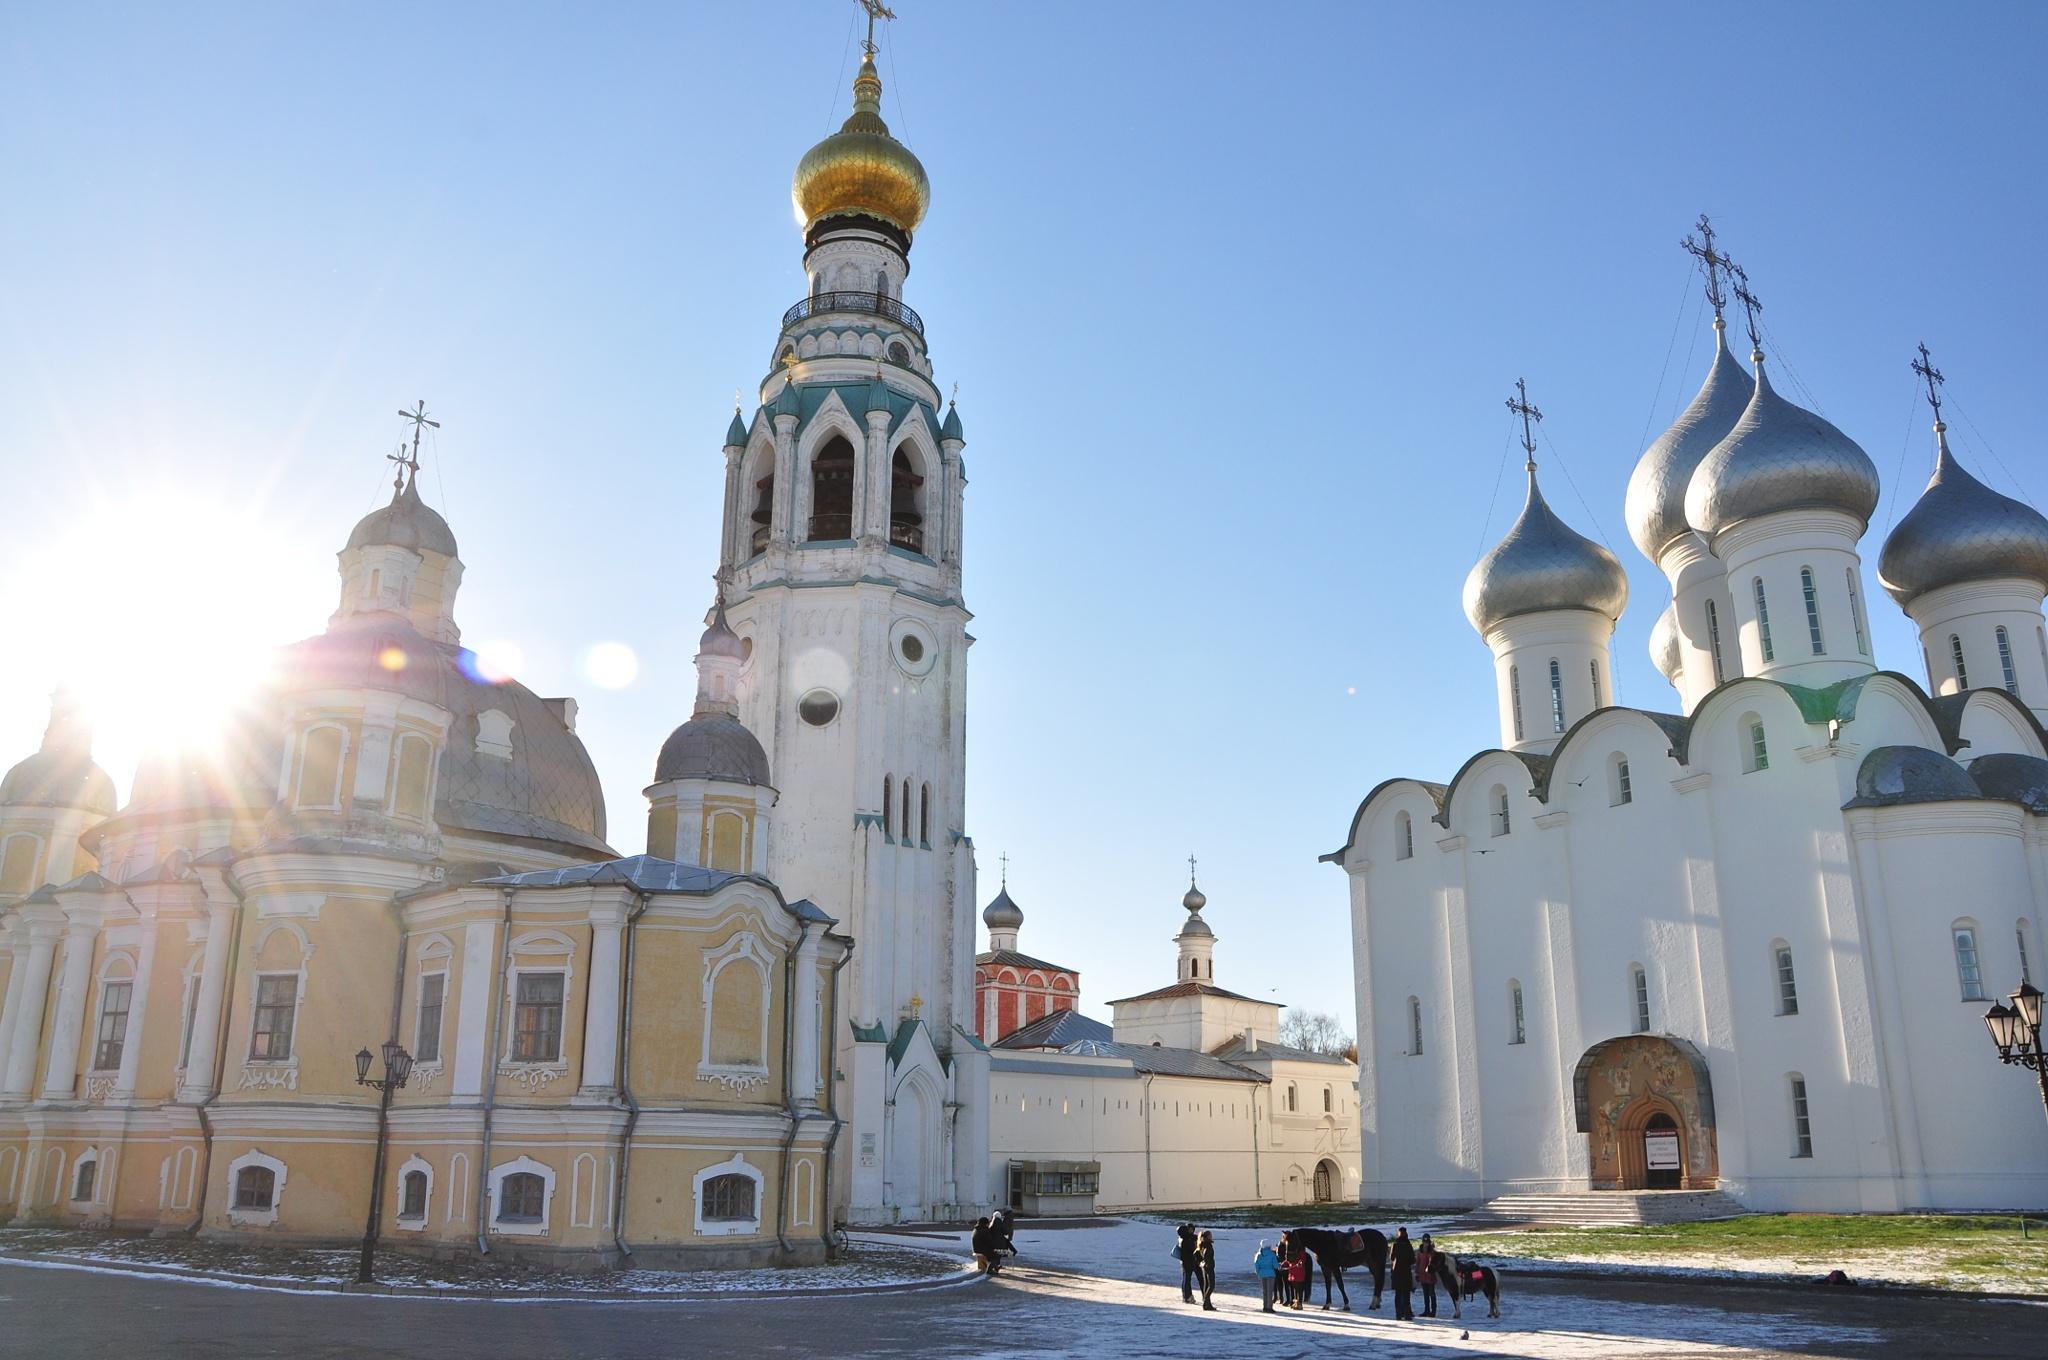 Vologda Kremlin, Russia by vadsever58